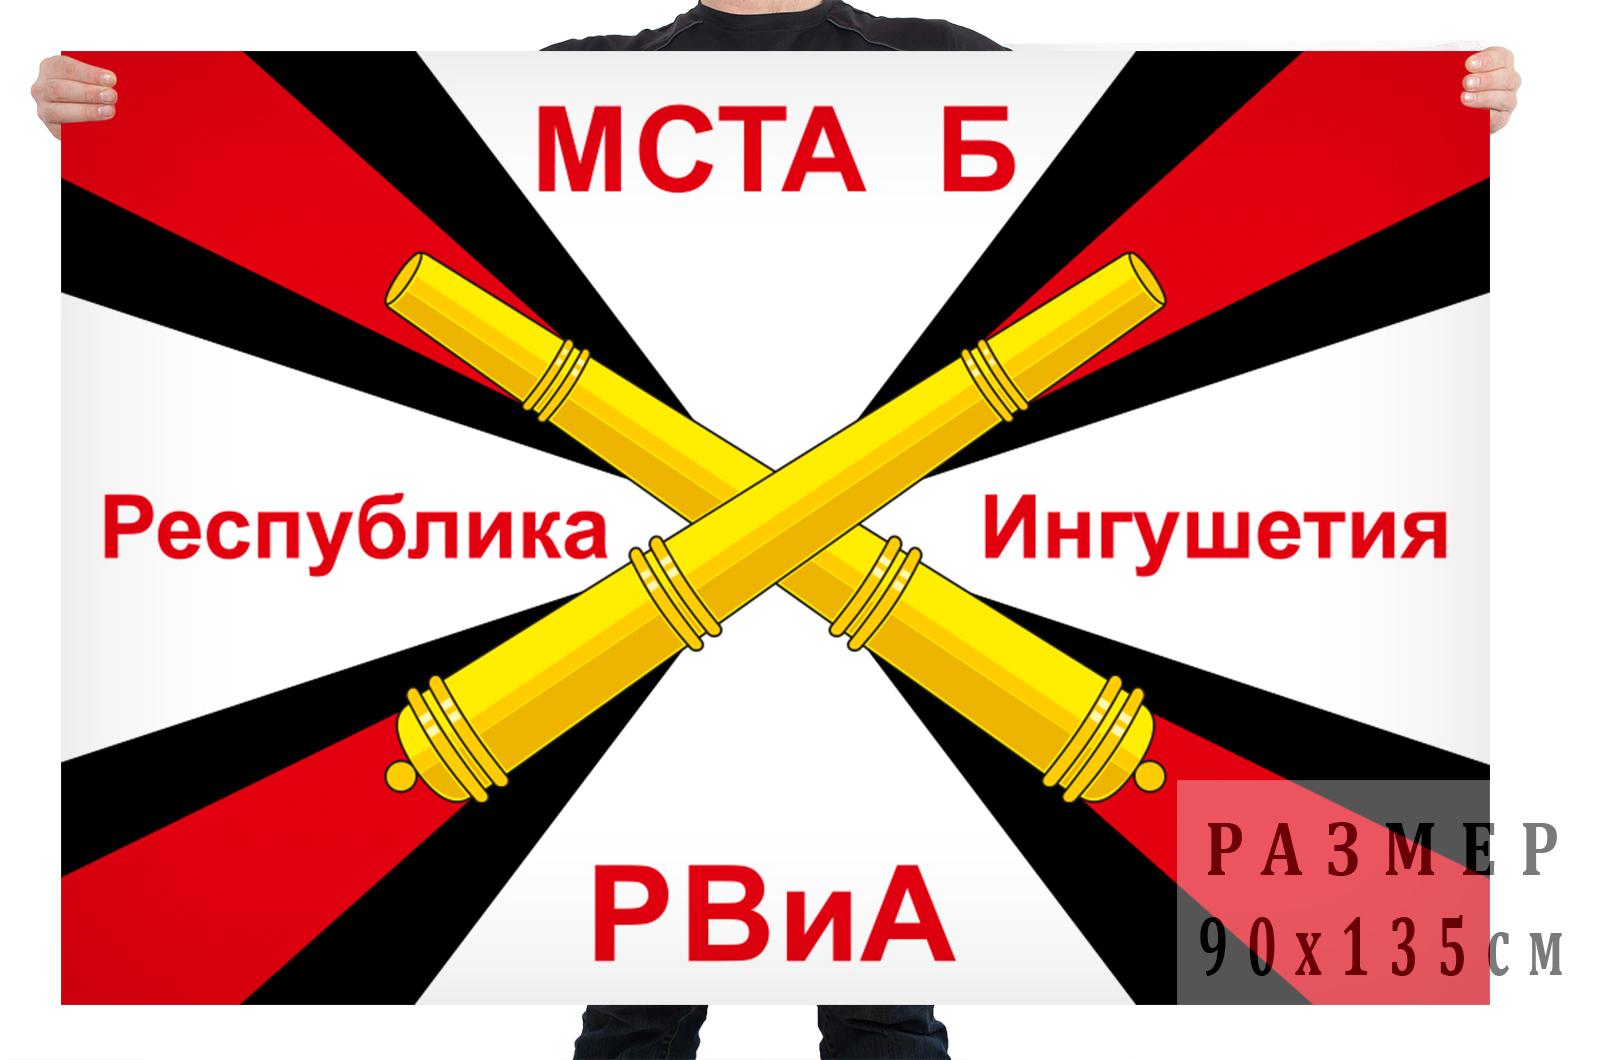 Купить флаг РВиА Мста-Б Ингушетия